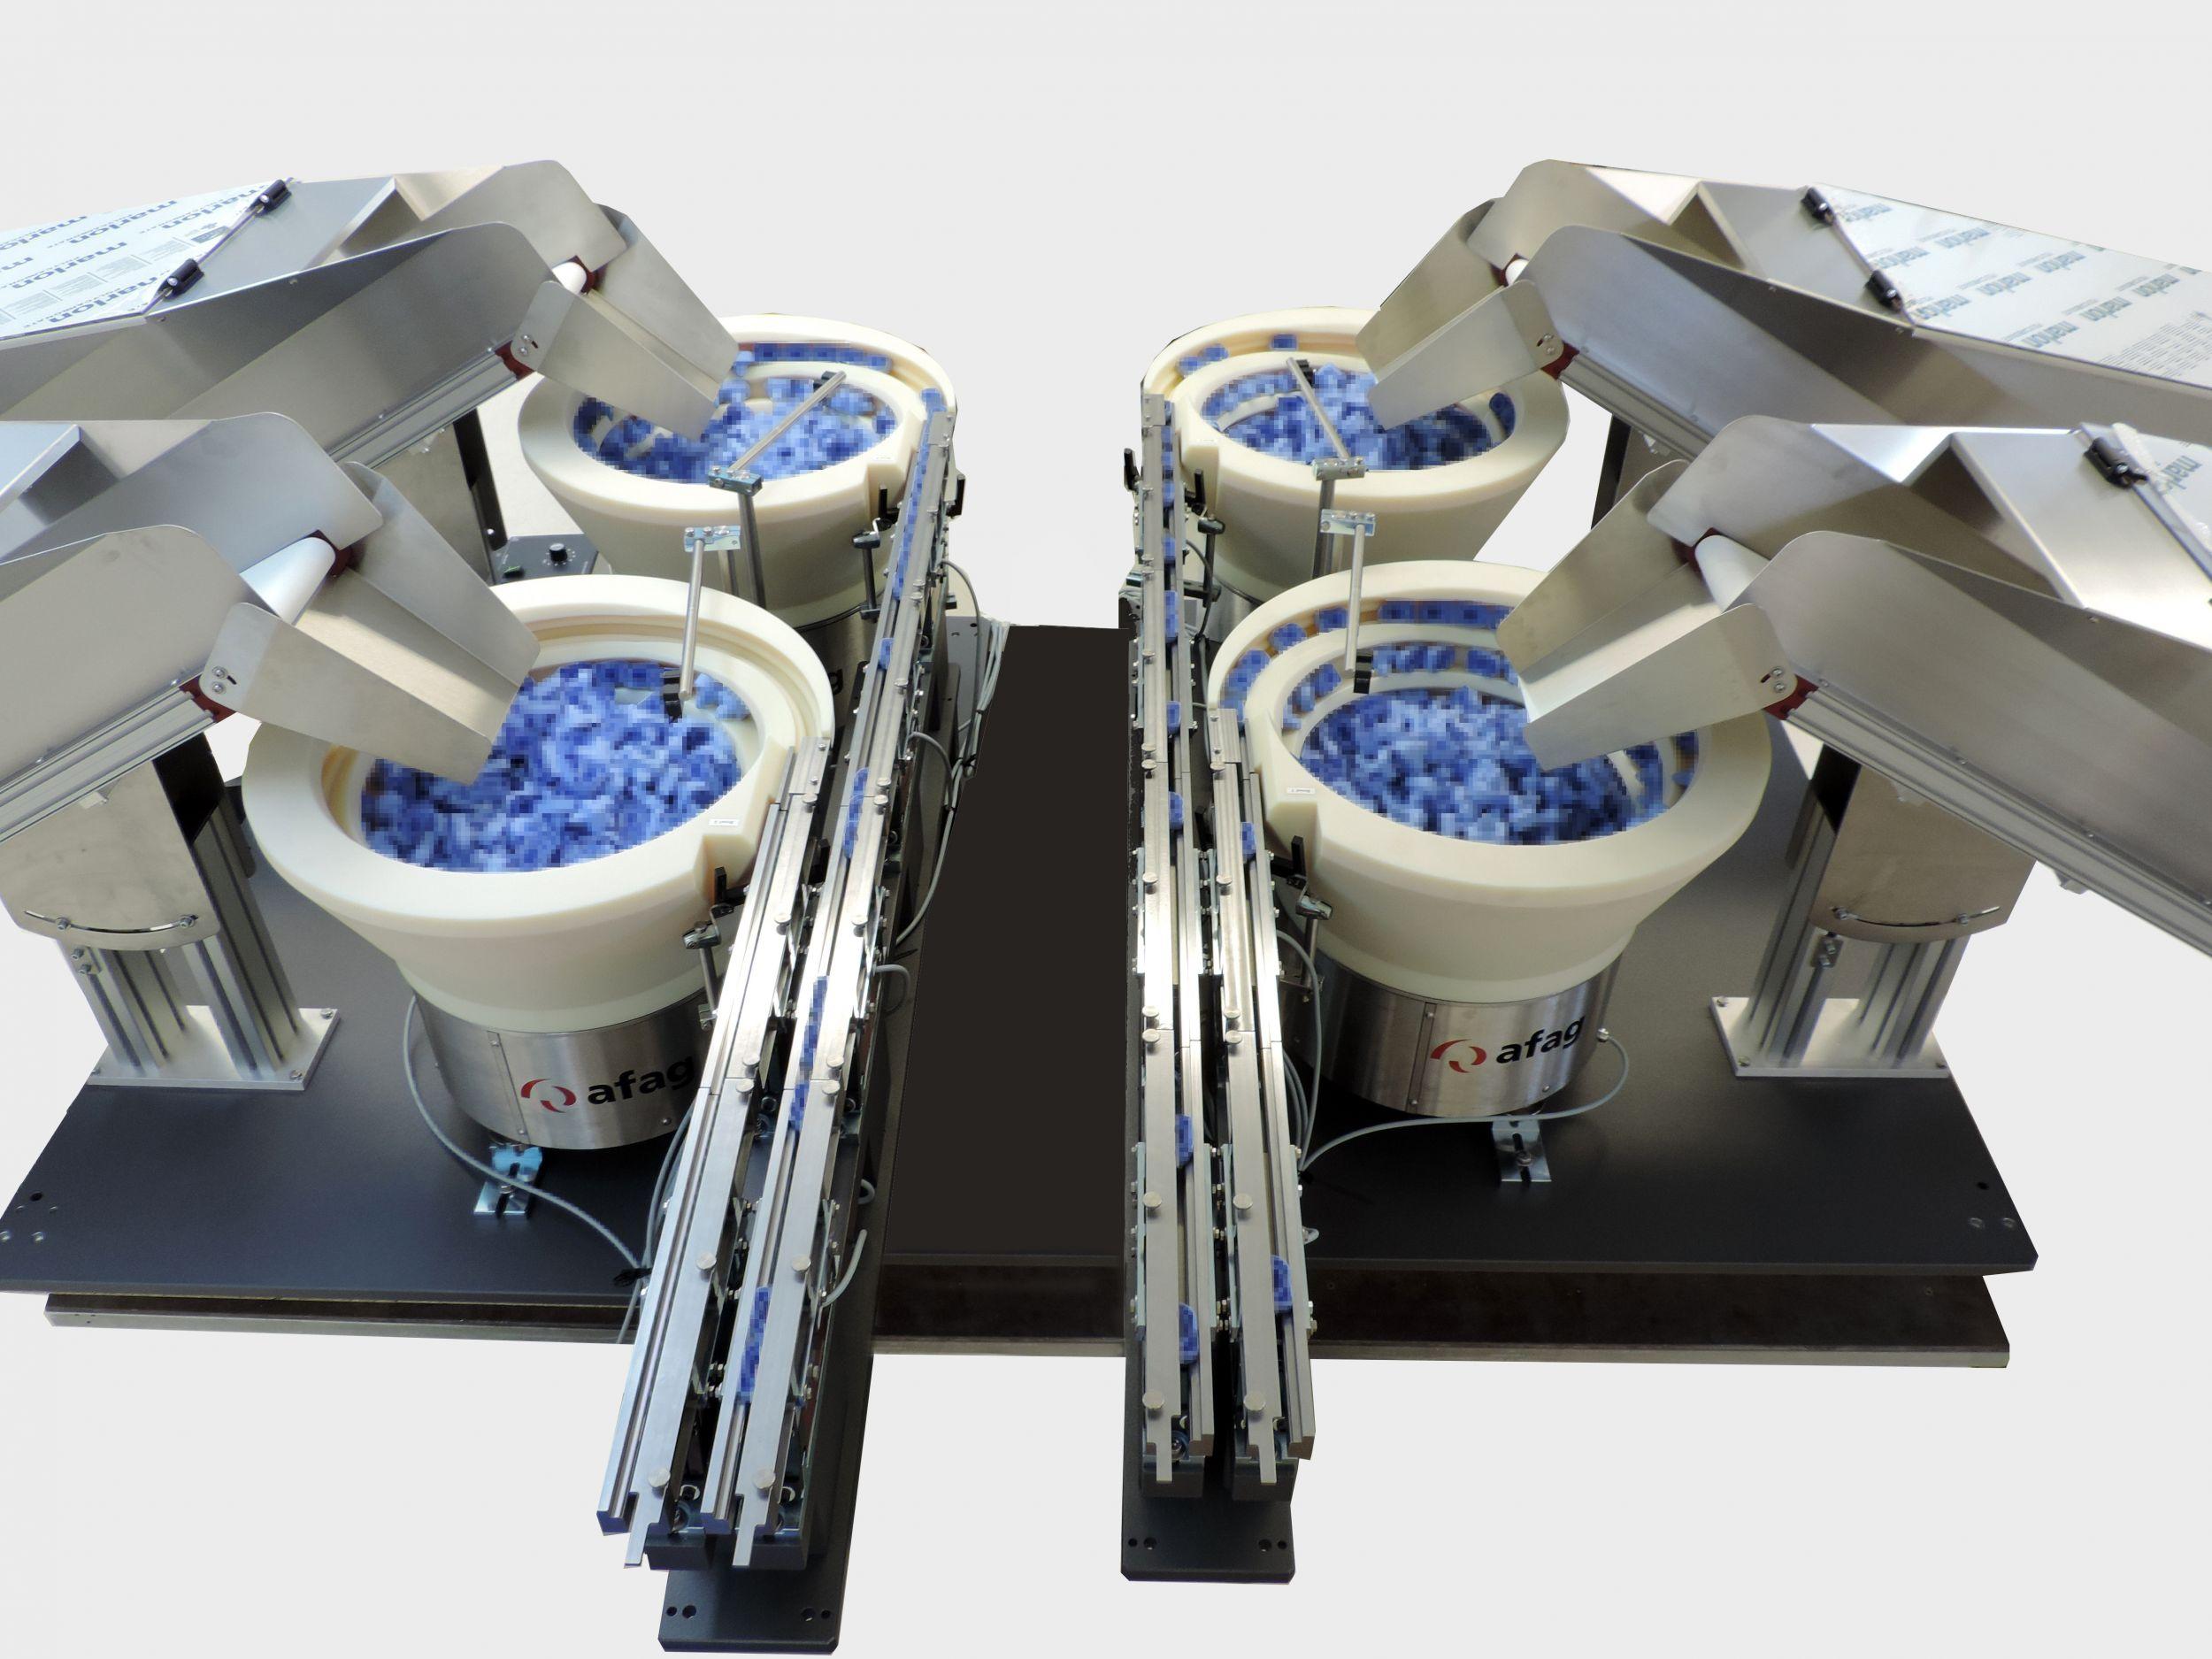 Zuführlösung für Produktionsgeräte von Covid-19-Testeinheiten